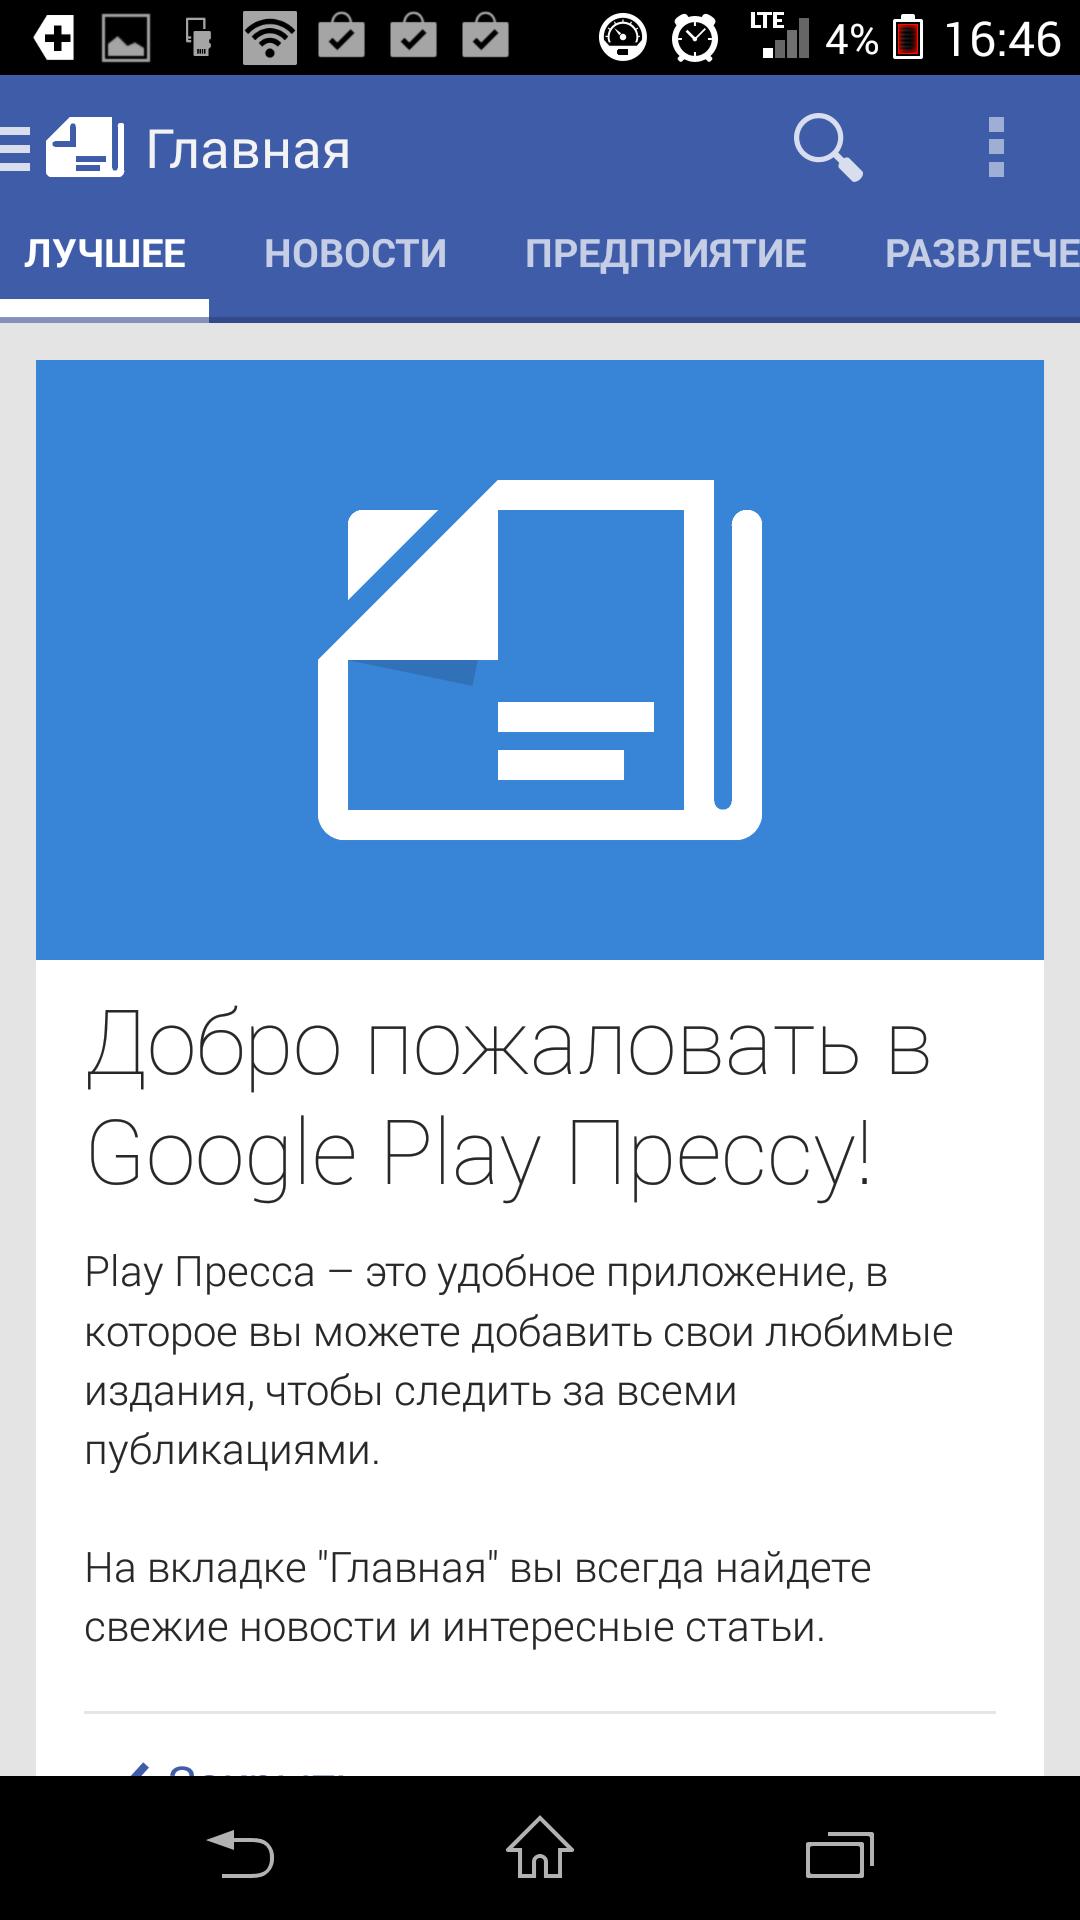 Приветствие - Google Play Пресса для Android